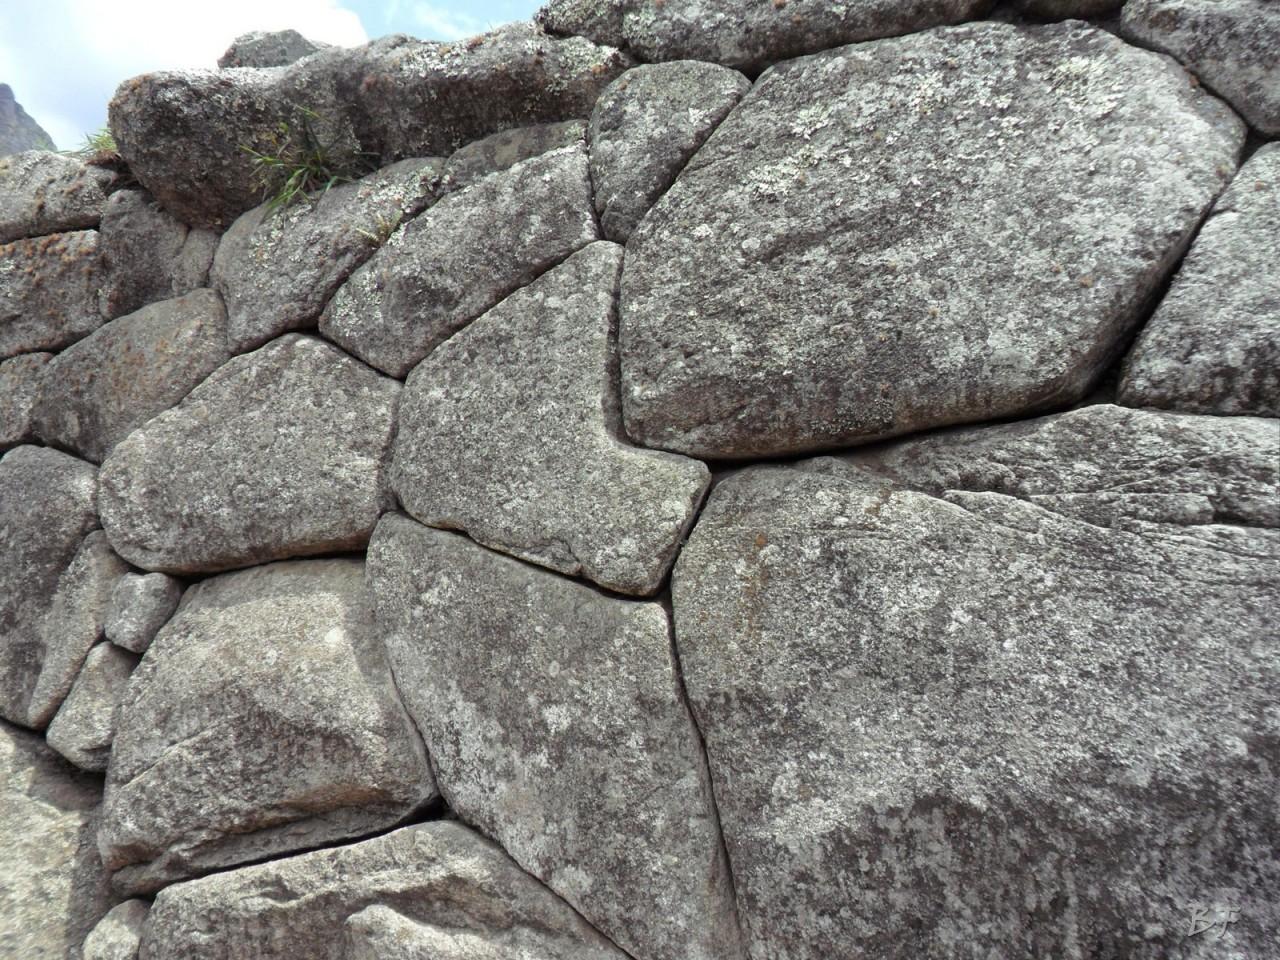 Mura-Poligonali-Incisioni-Altari-Edifici-Rupestri-Megaliti-Machu-Picchu-Aguas-Calientes-Urubamba-Cusco-Perù-130